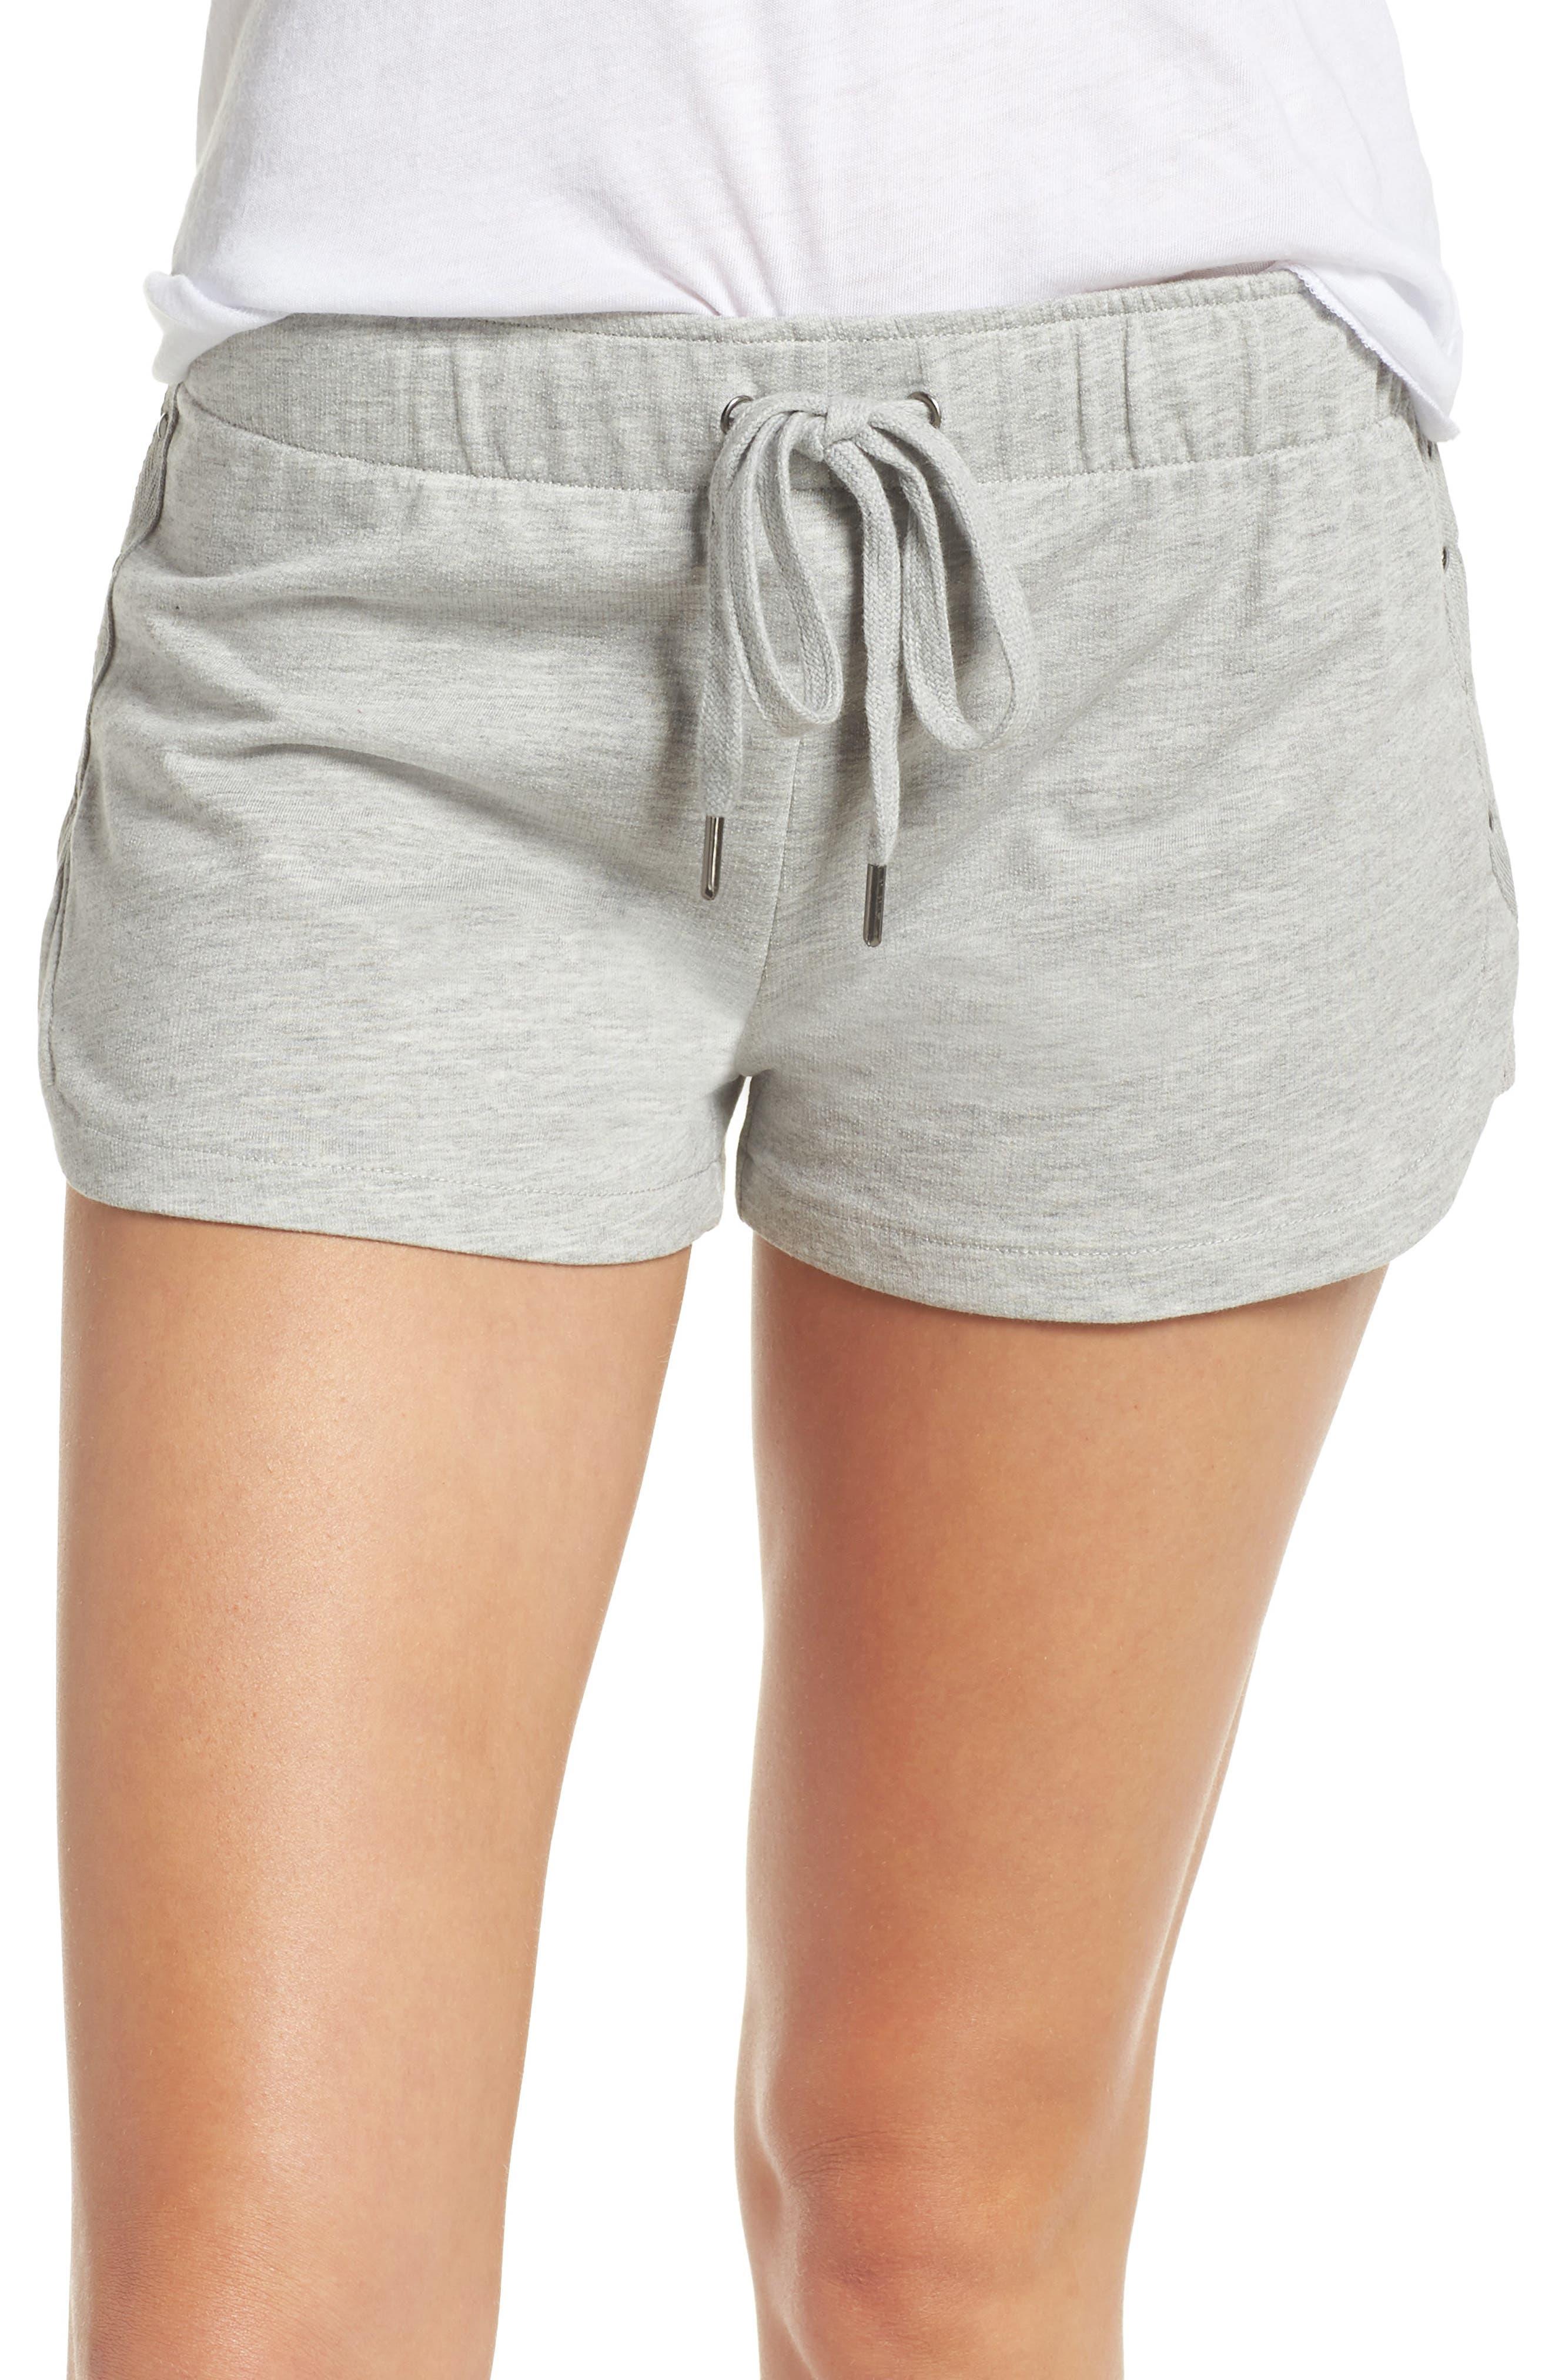 Pajama Shorts,                             Main thumbnail 1, color,                             020